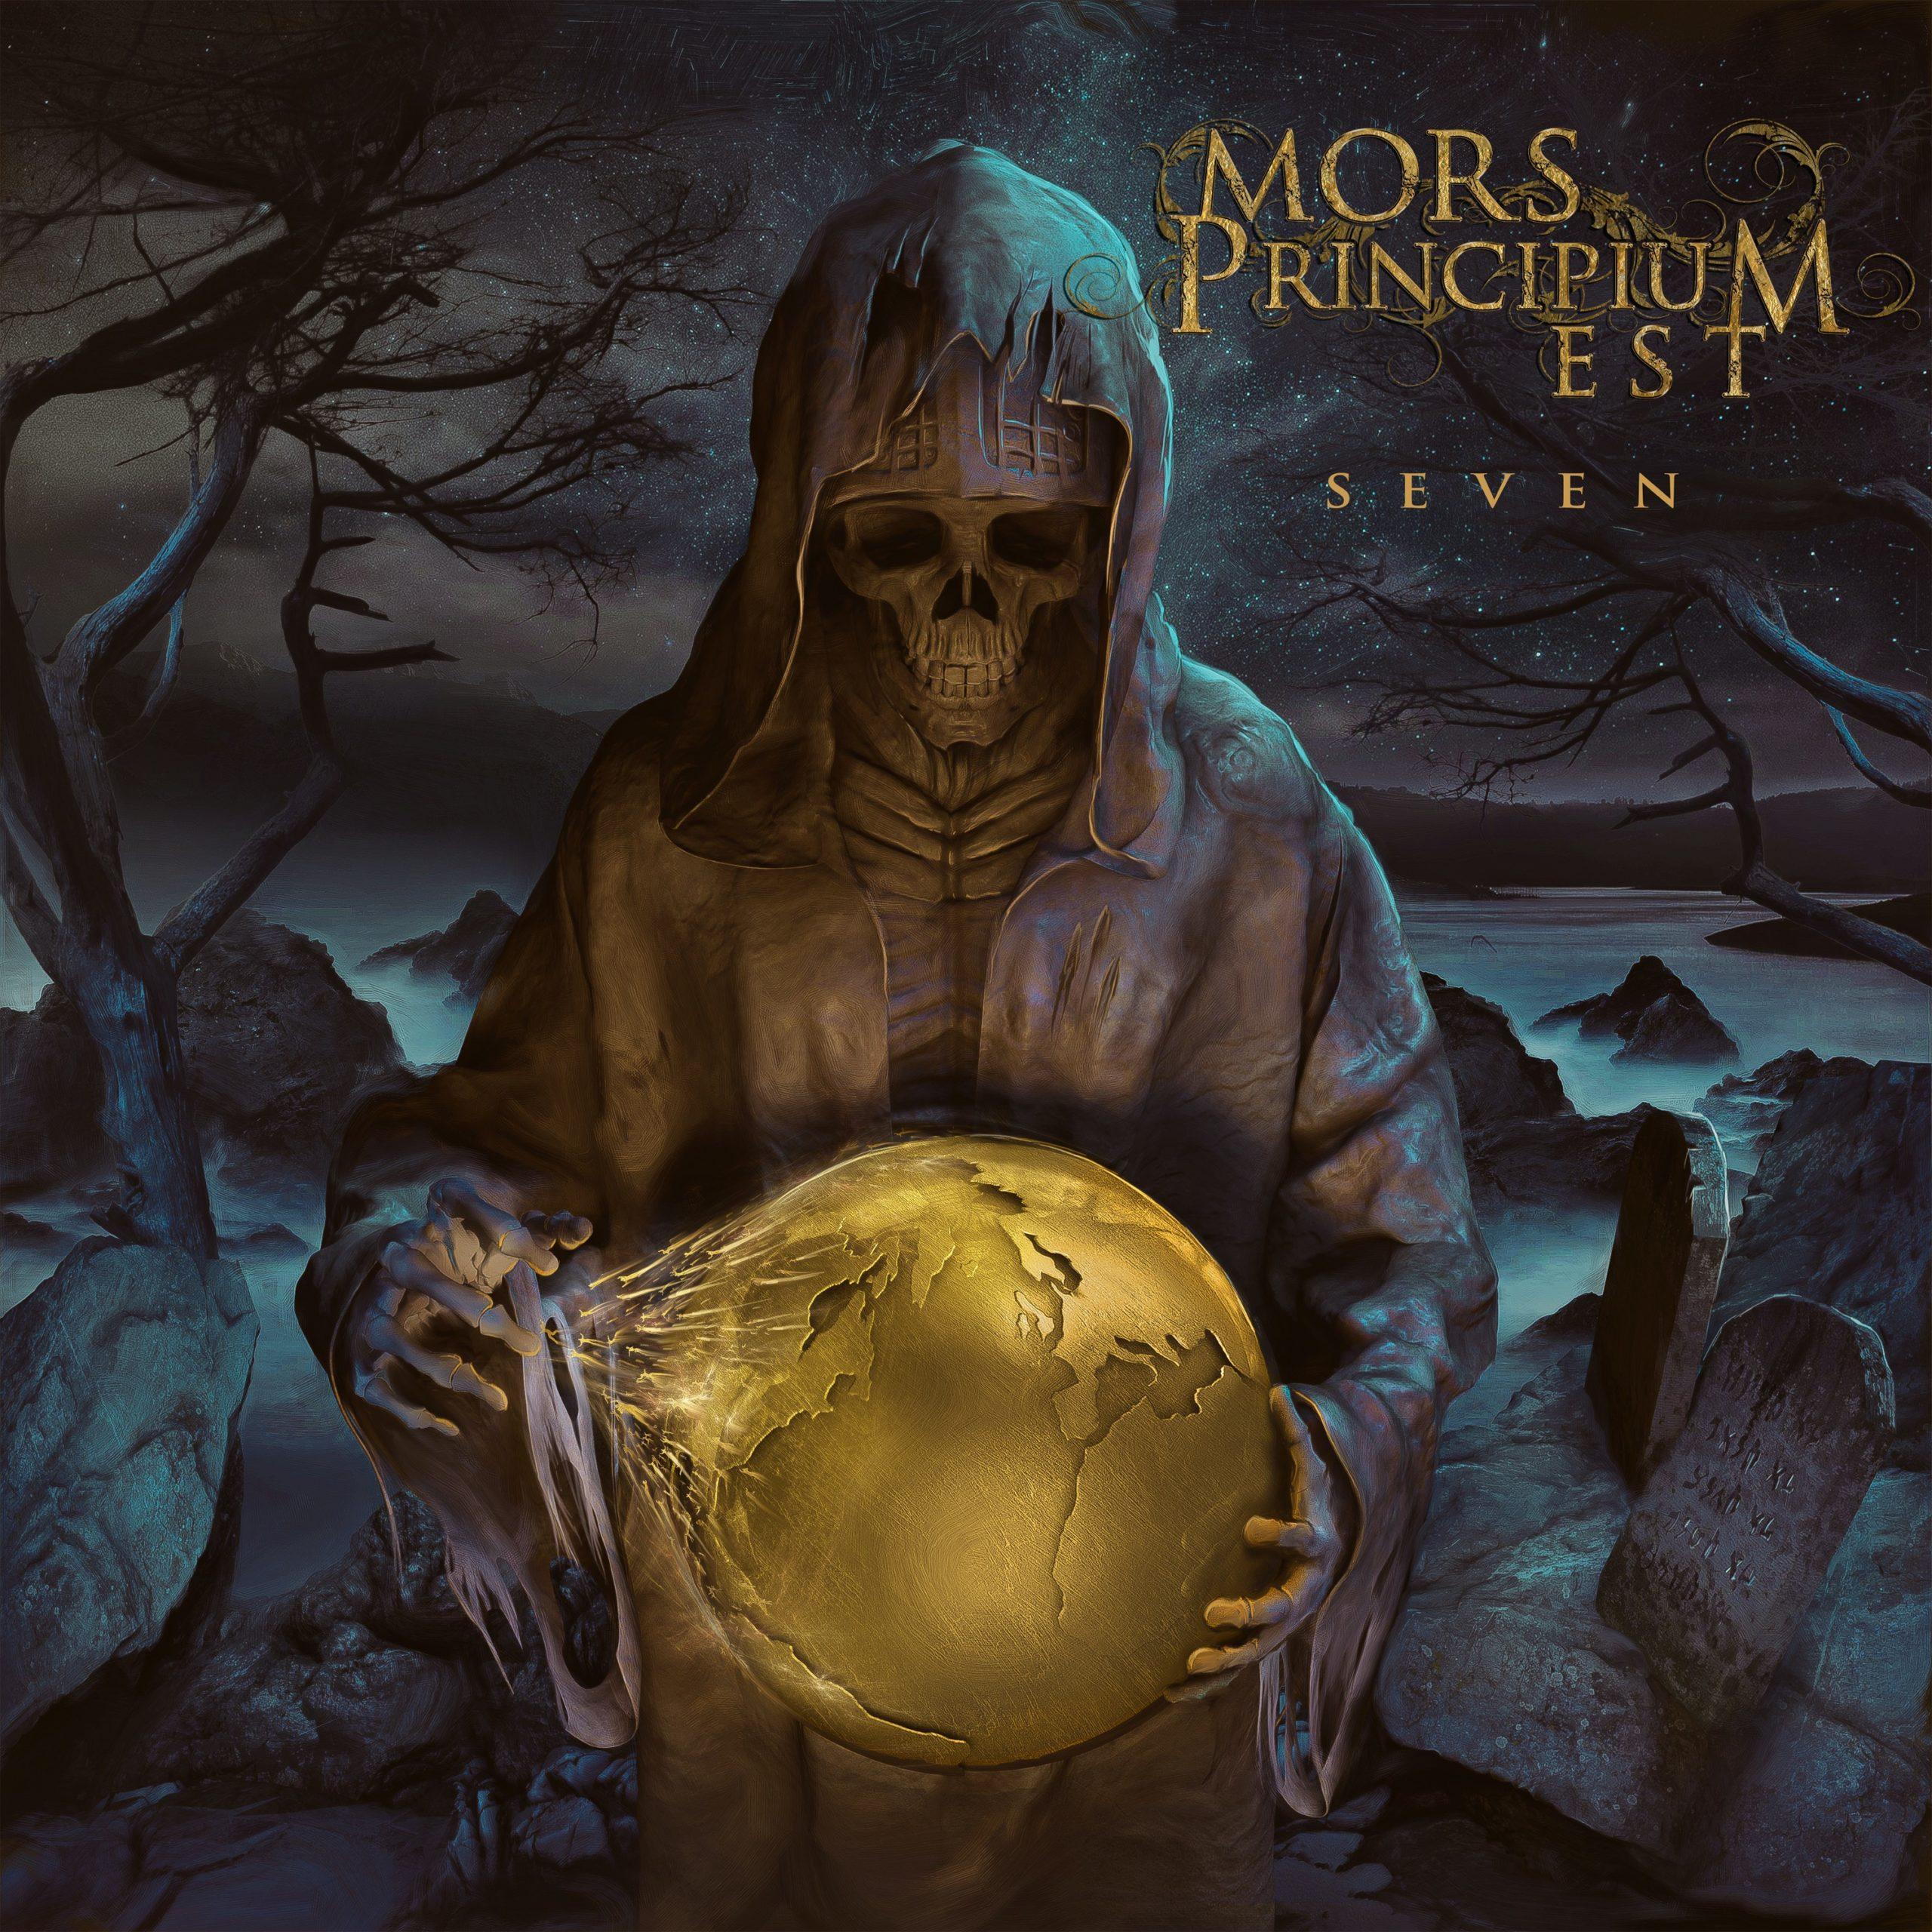 Mors Principium Est: Seven